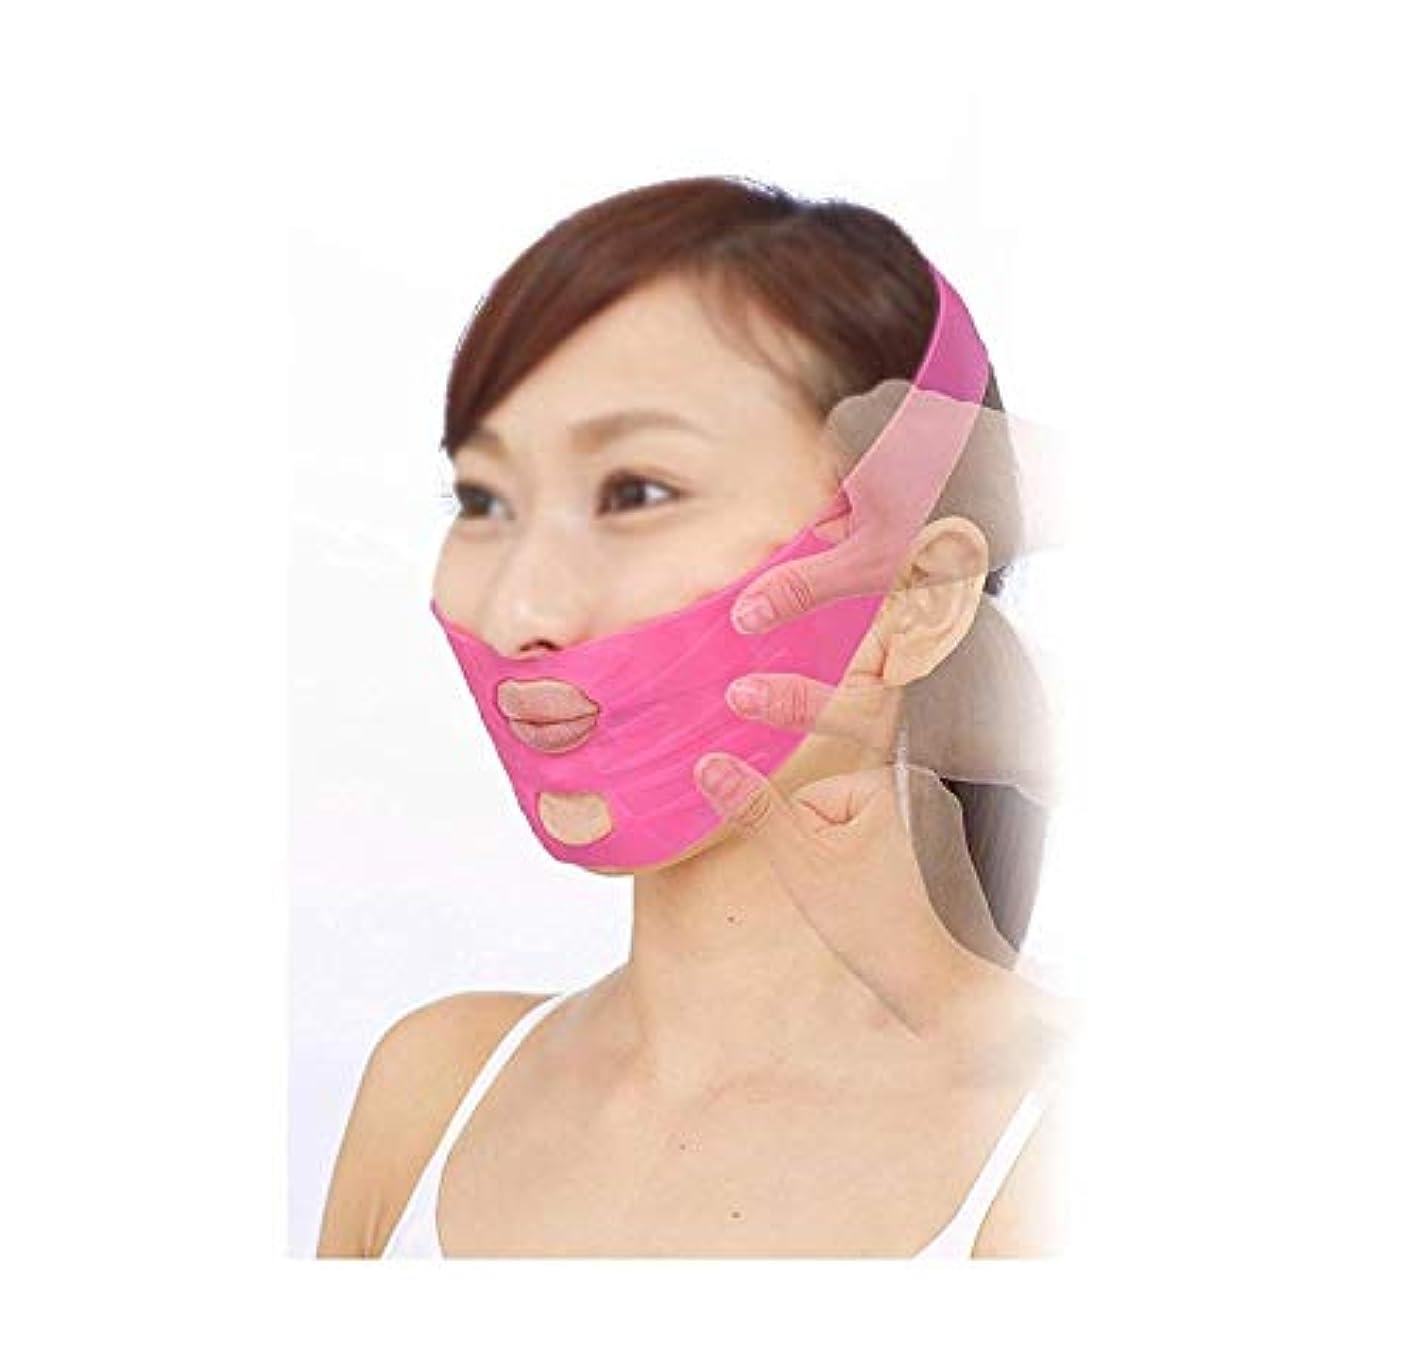 適度に予定バケツフェイシャルマスク、リフティングアーティファクトフェイスマスク垂れ下がった小さなVフェイスバンデージ付きの顔